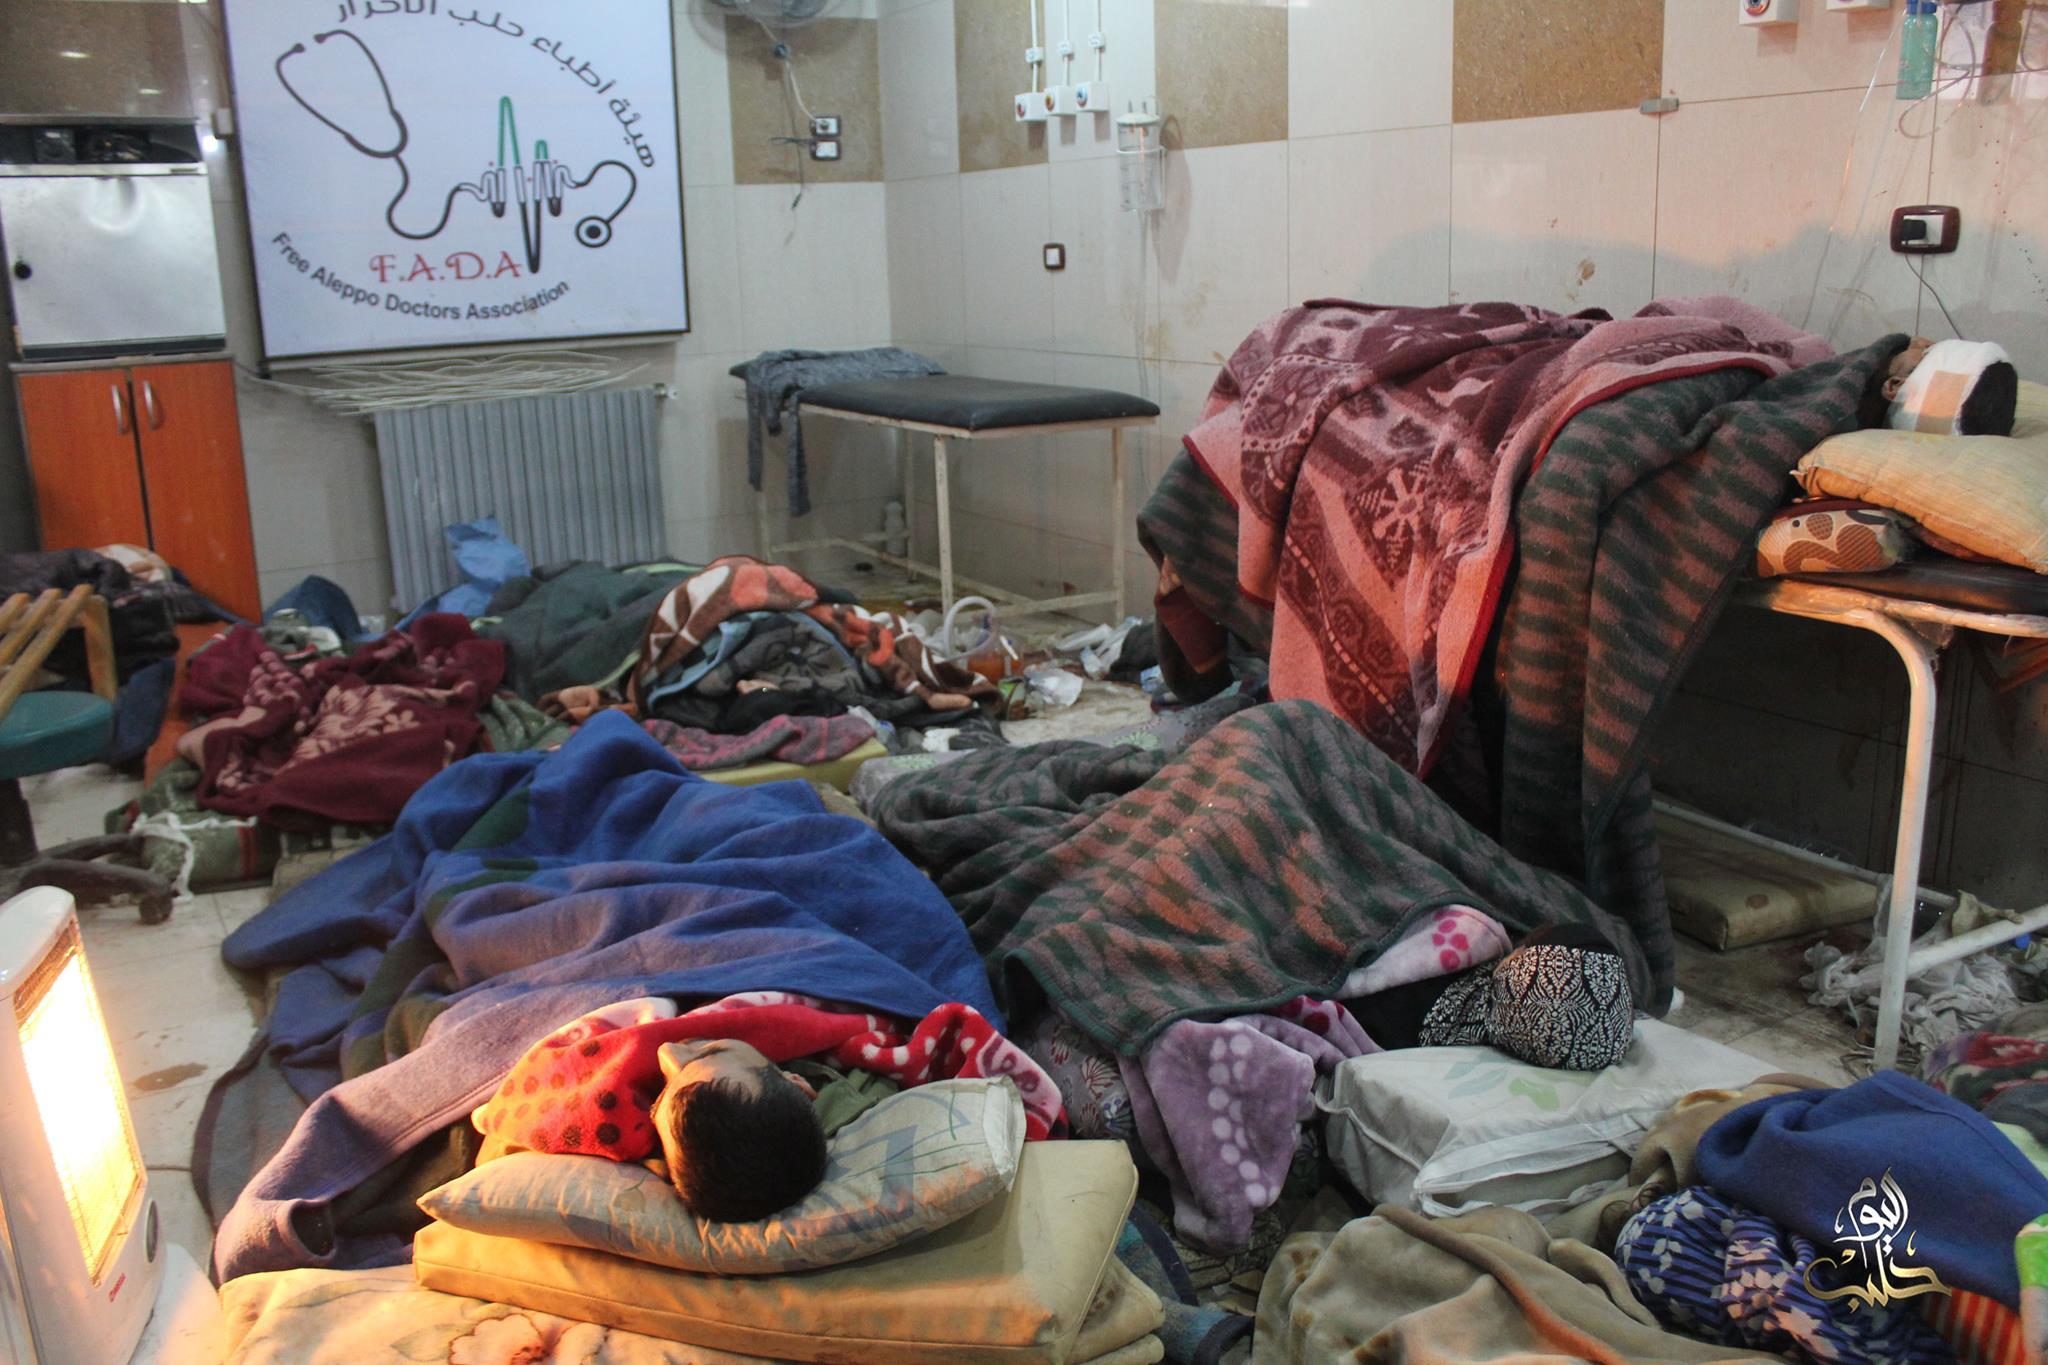 جرحى في مستشفى القدس في داخل المناطق المحاصرة في حلب اليوم ينامون على الأرض في درجة حرارة تقل عن الصفر